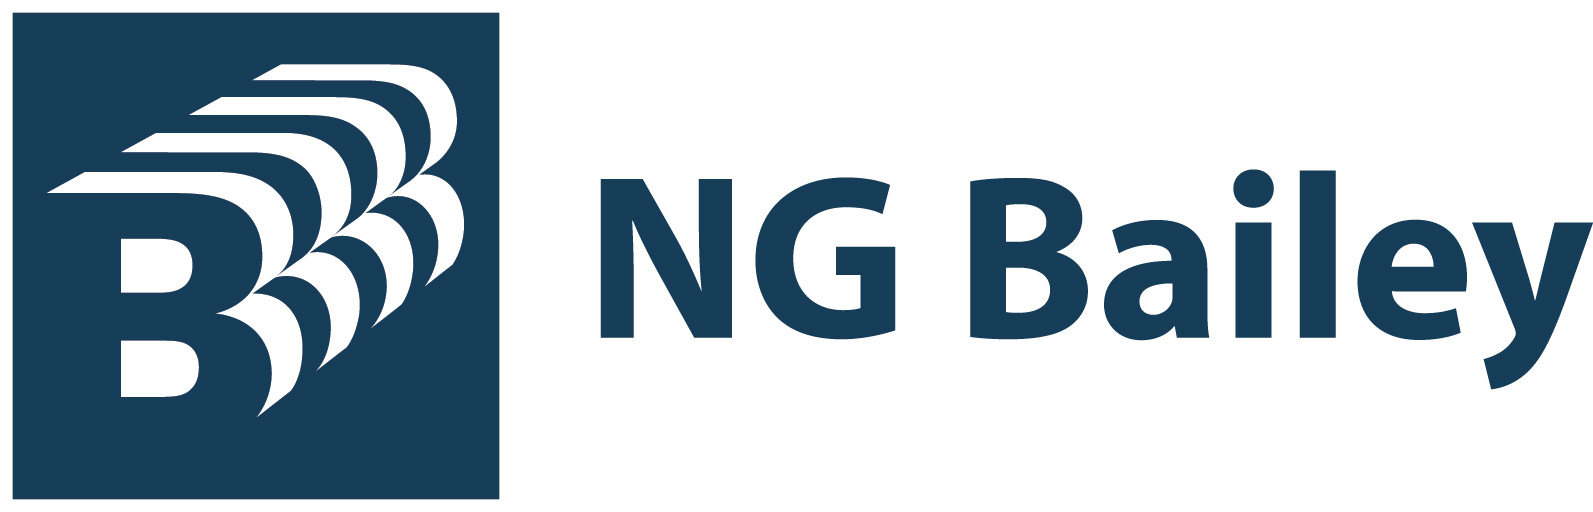 NG Bailey.jpg